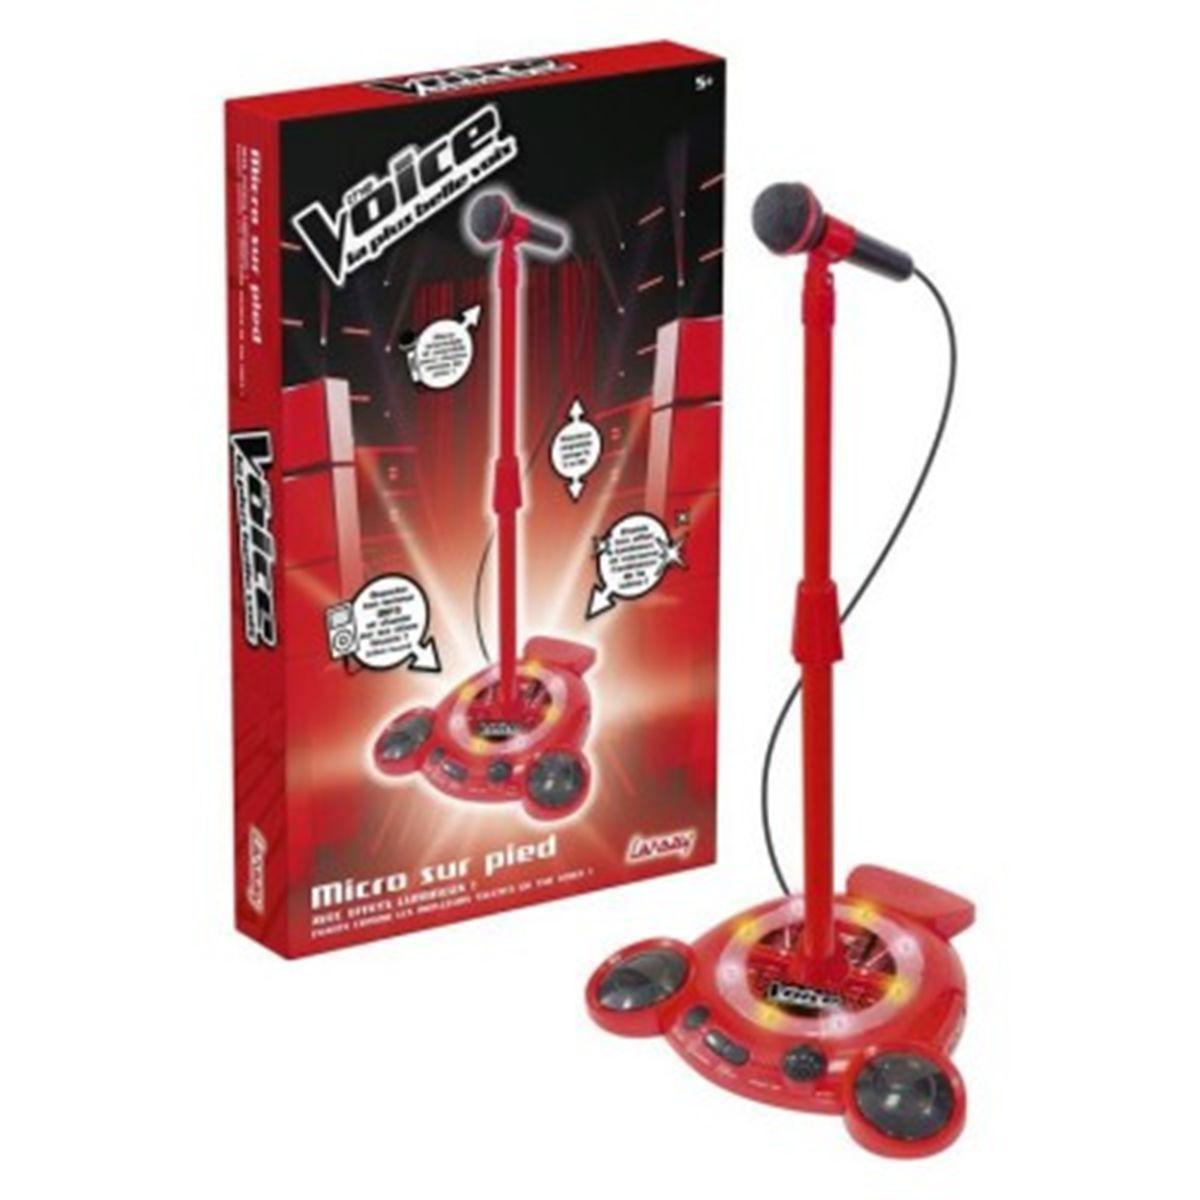 micro the voice sur pied